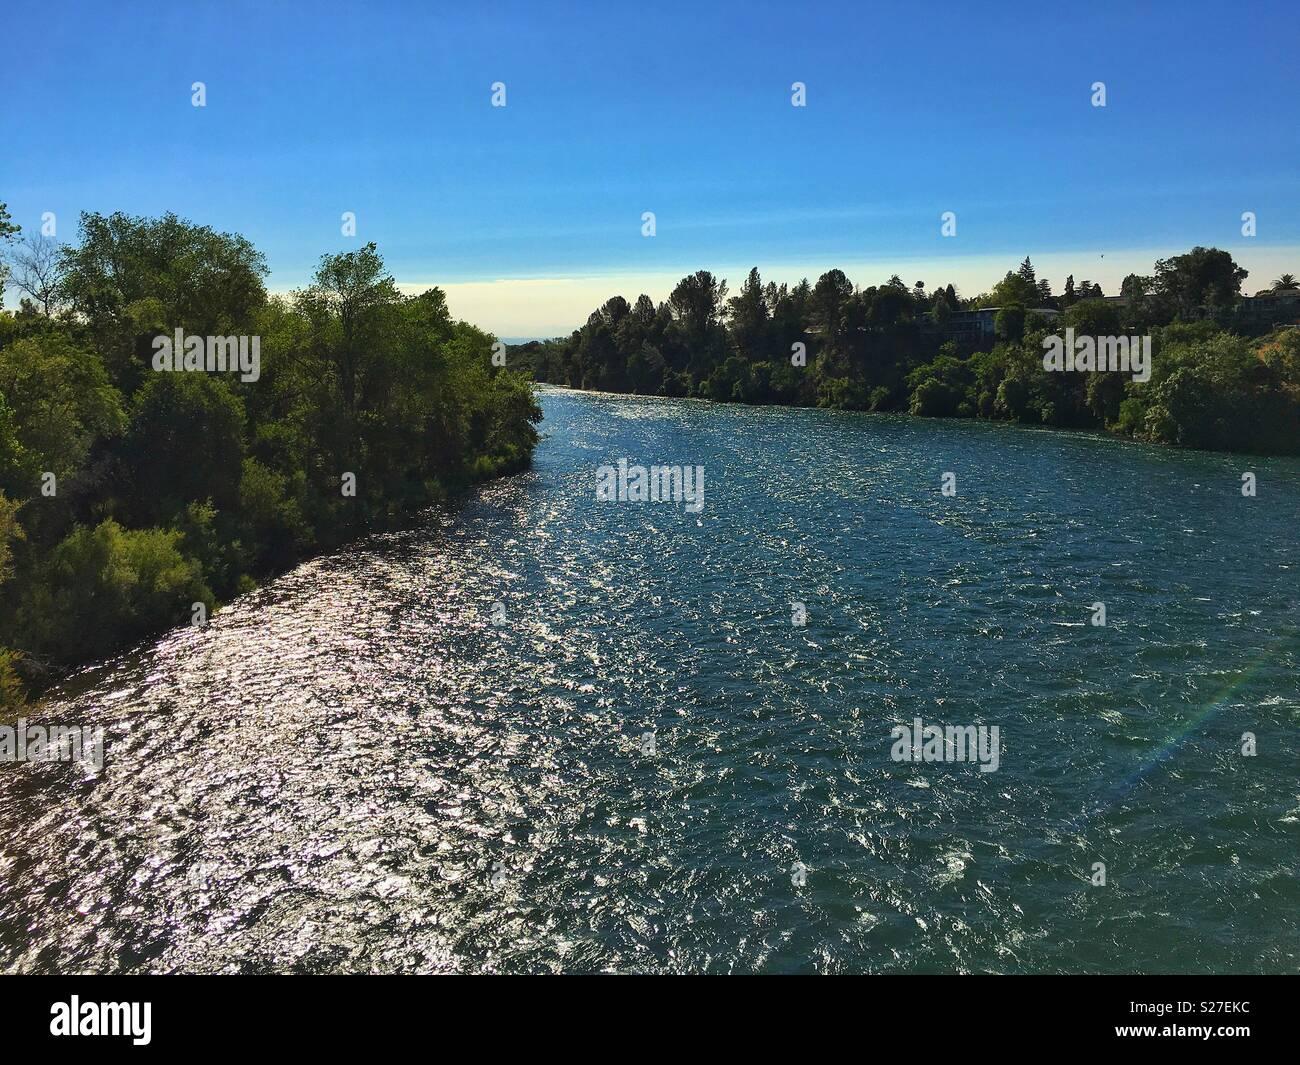 Sacramento River in Redding California - Stock Image